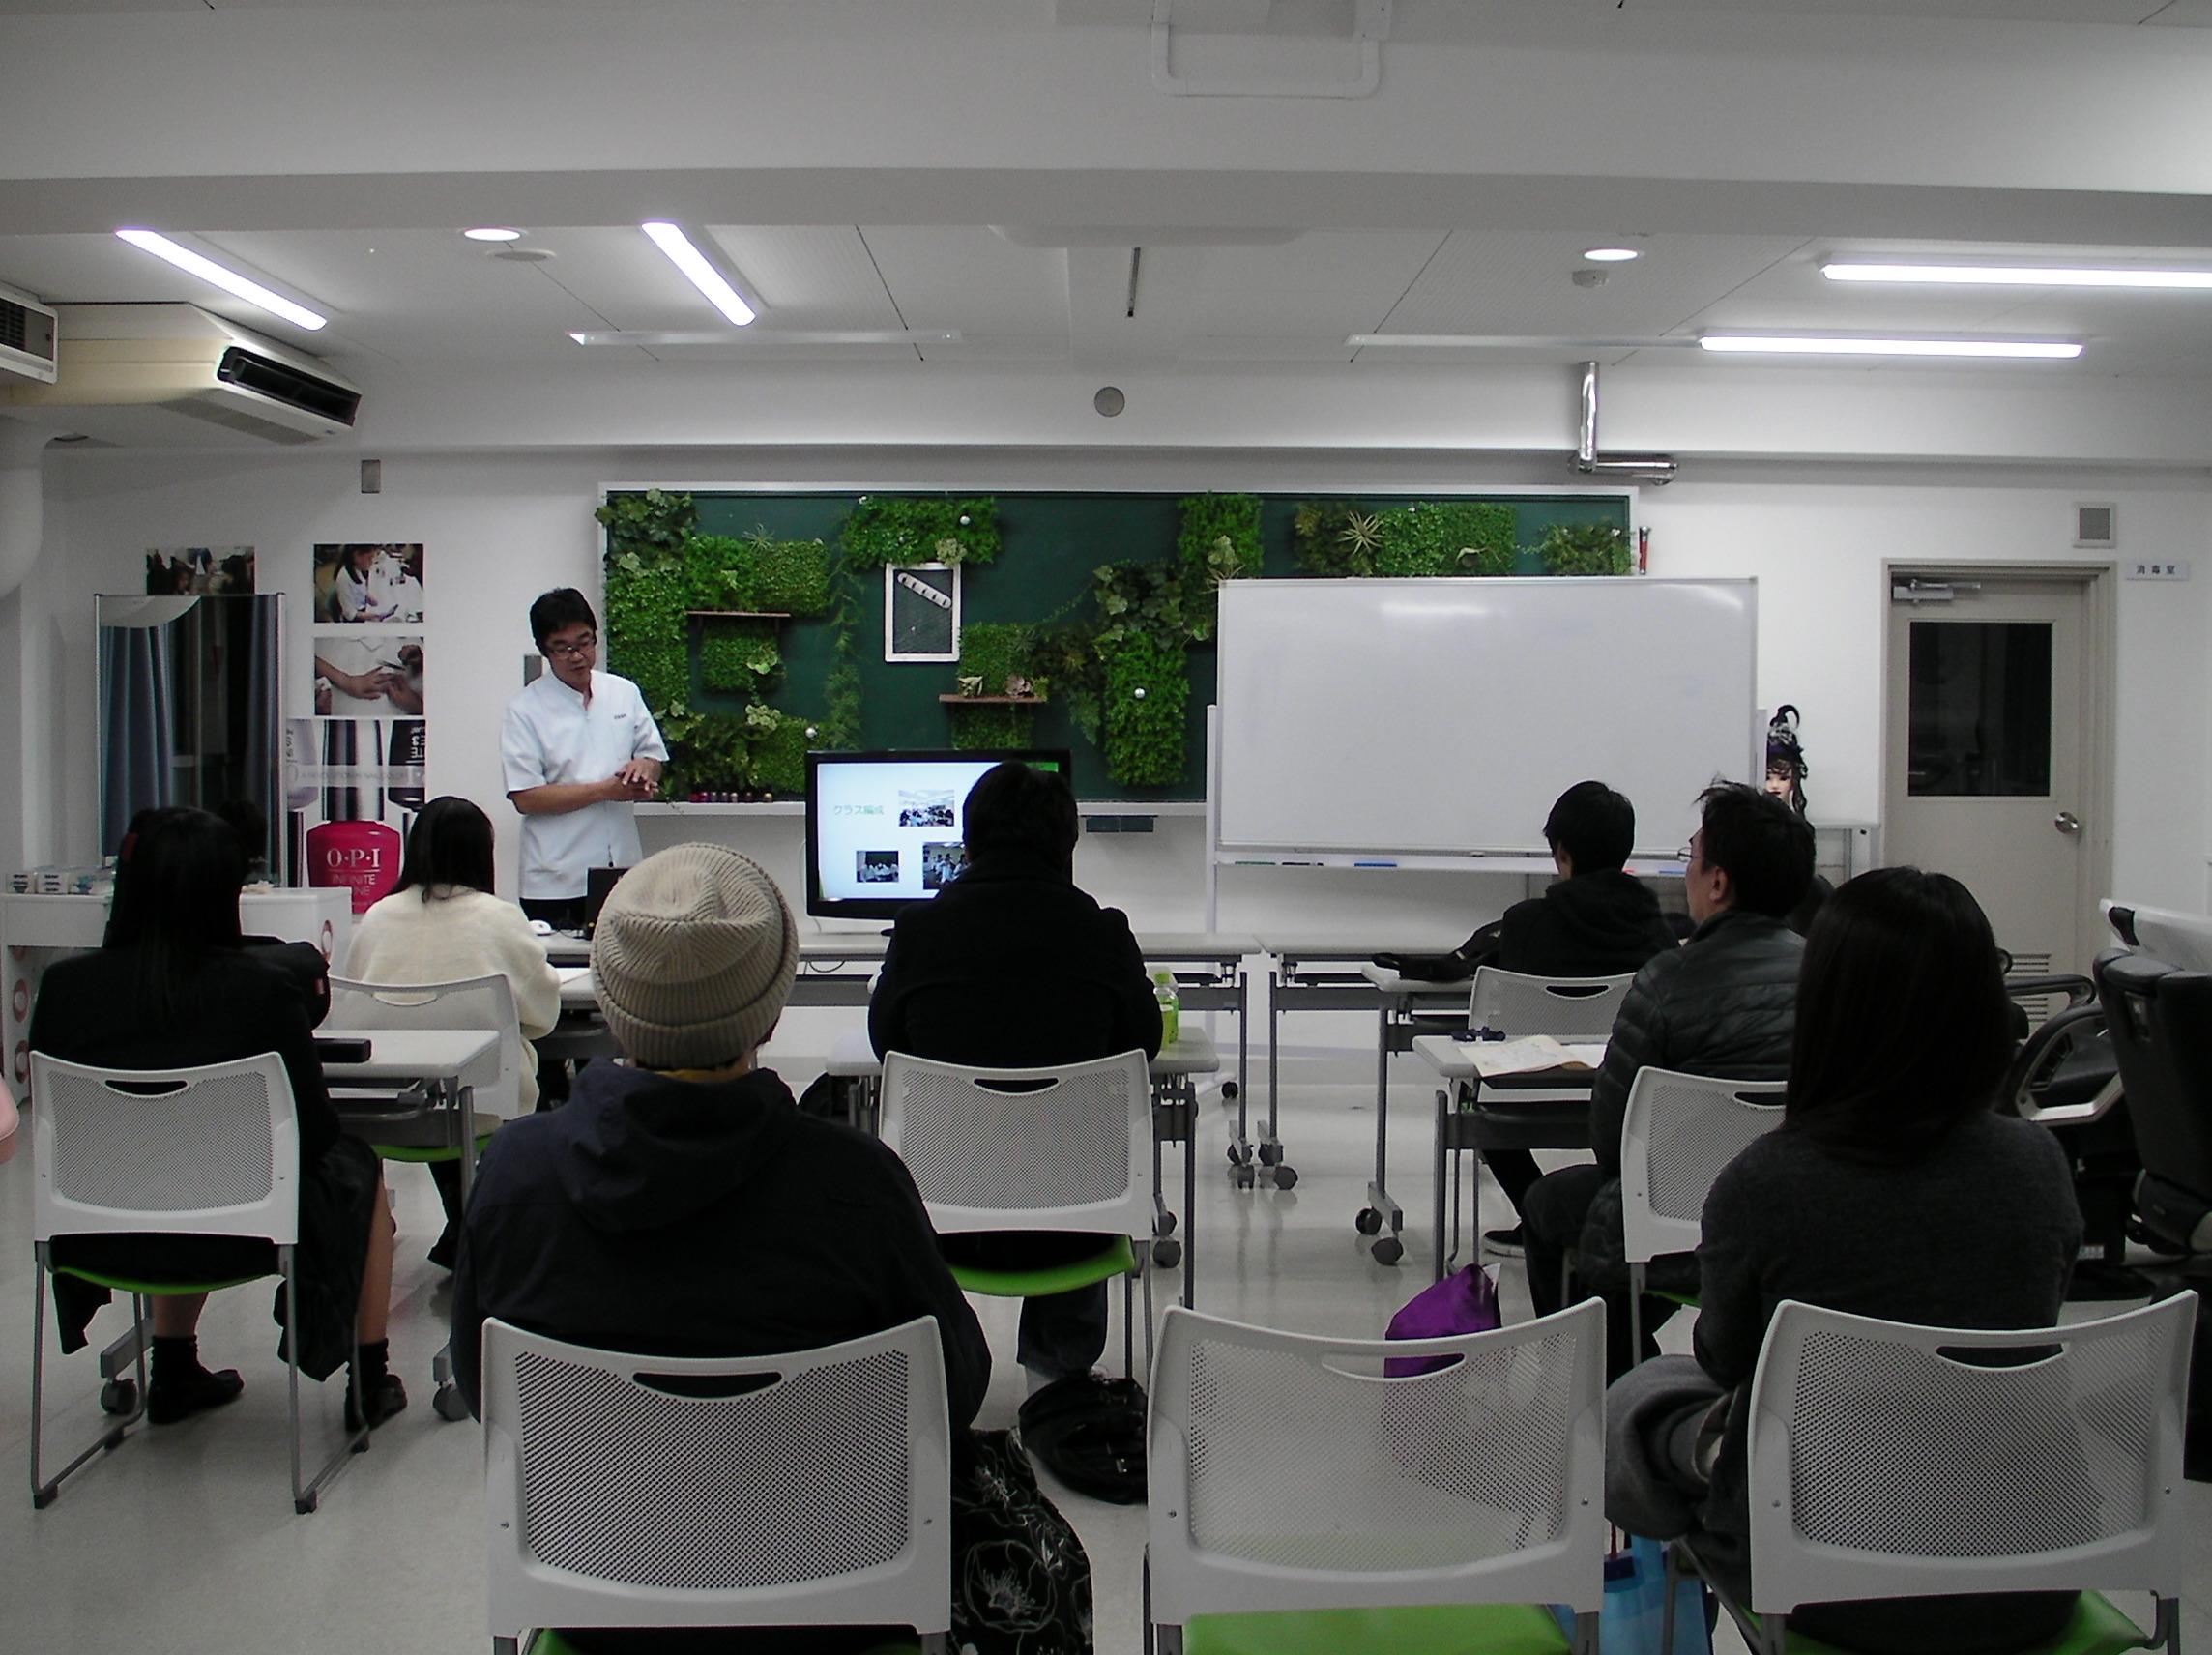 2月19日(火)17:30~イブニングオープンキャンパス